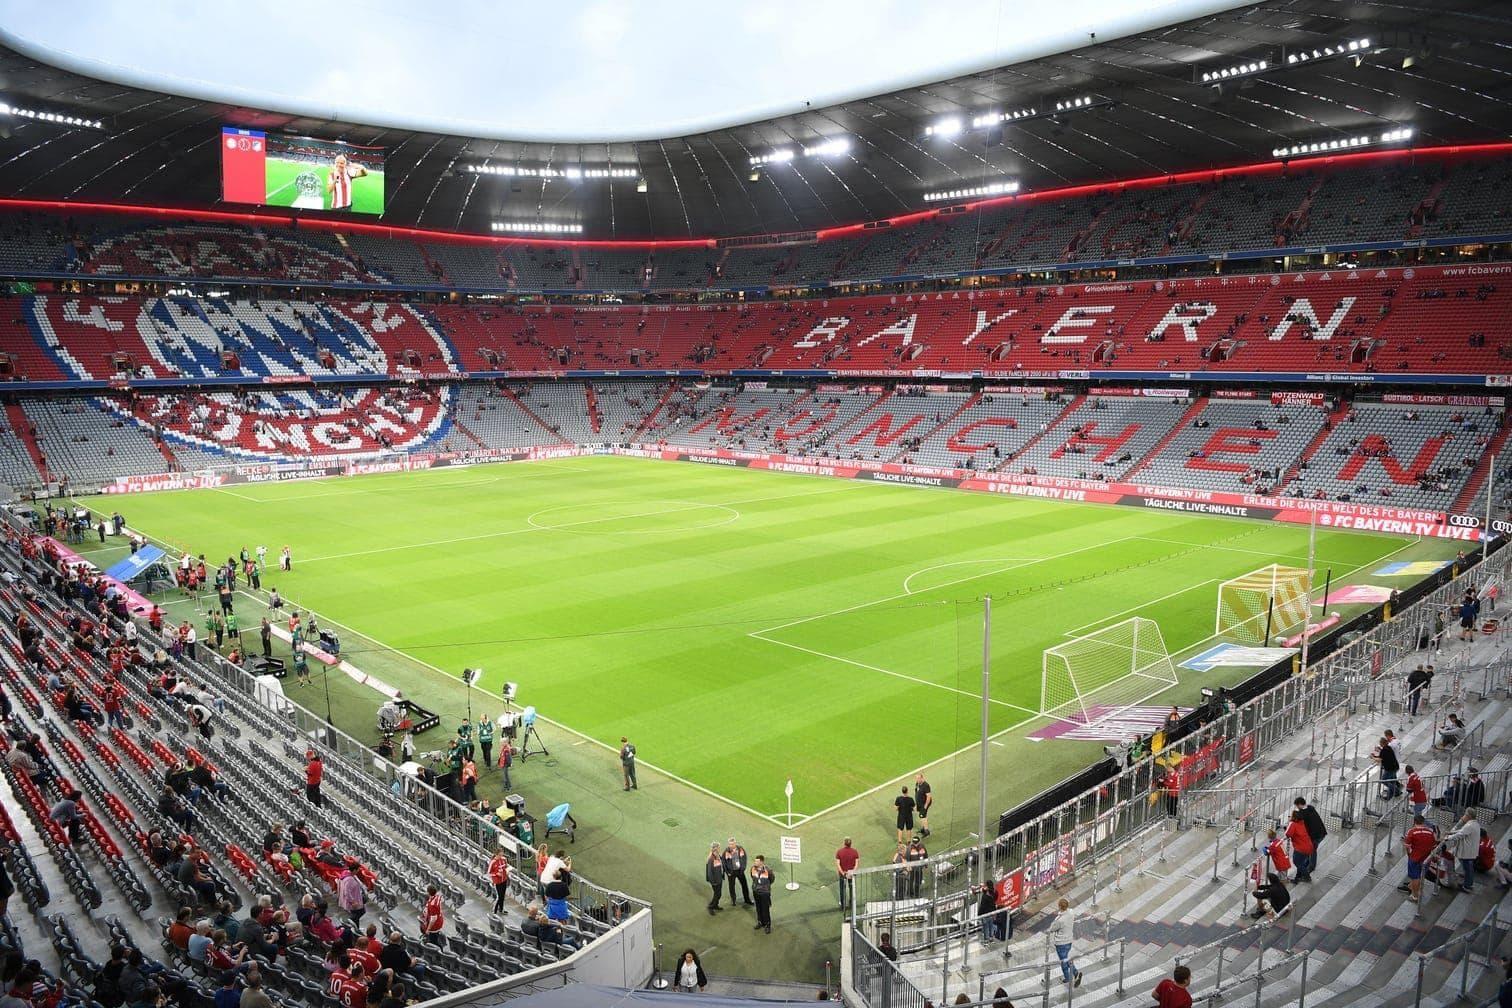 Arena AufSchalke<br />Kapazität: 49.471 Zuschauer<br />5 Spiele</p> Foto: dpa/Maja Hitij